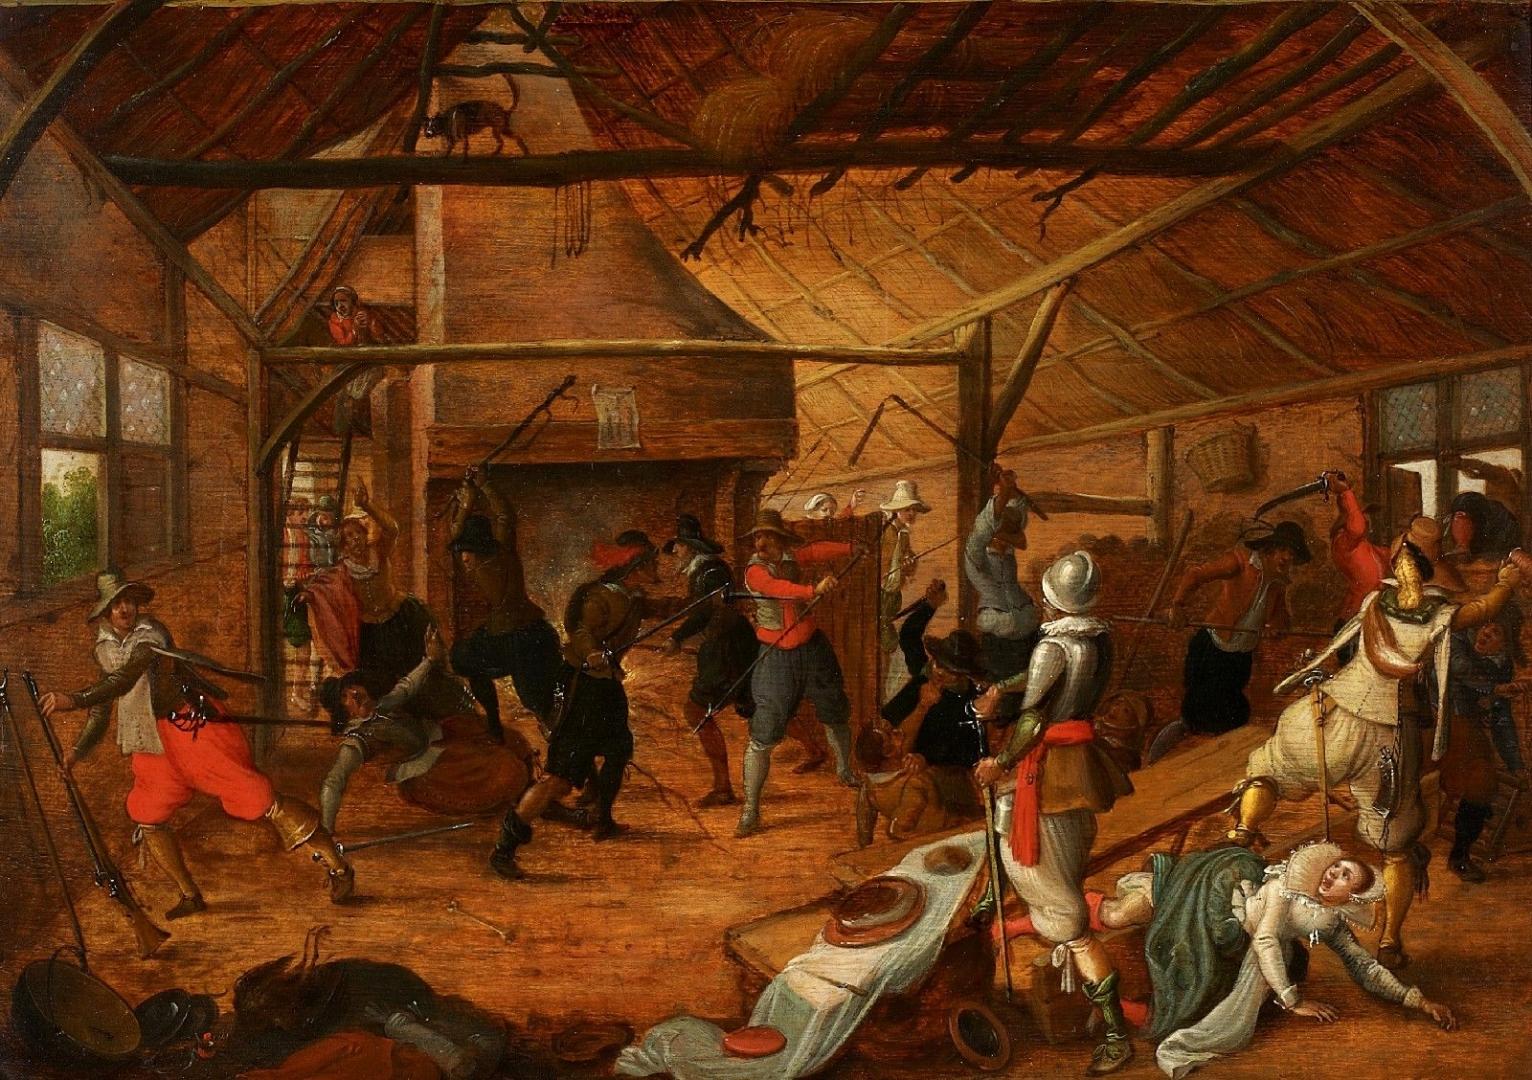 Себастьян Вранкс. Нападение на ферму во время Тридцатилетней войны. 1630